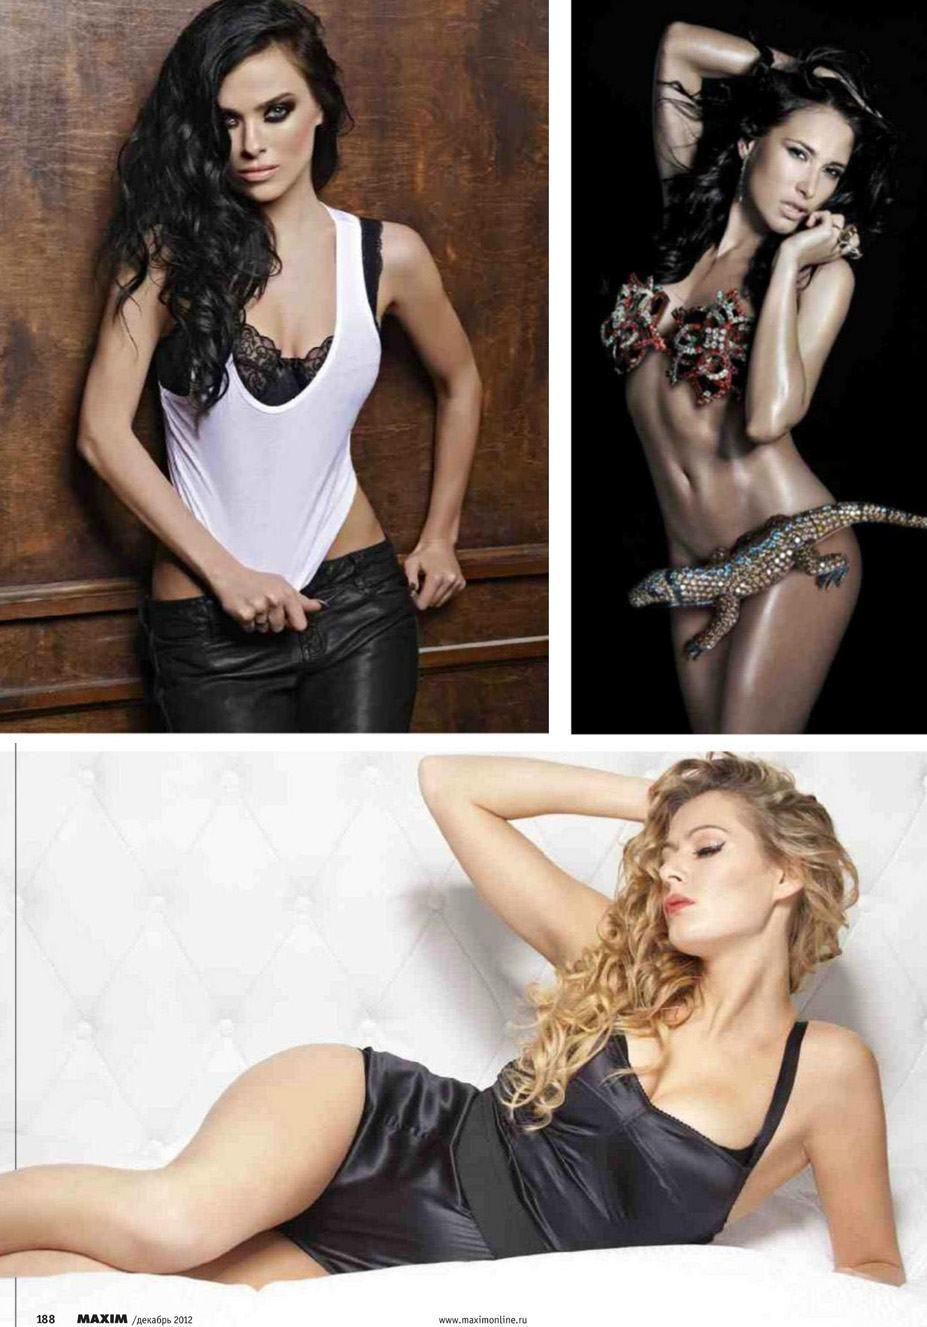 Елена Темникова, Марика, Мария Кожевникова - 100 самых сексуальных женщин страны - Россия Maxim hot 100